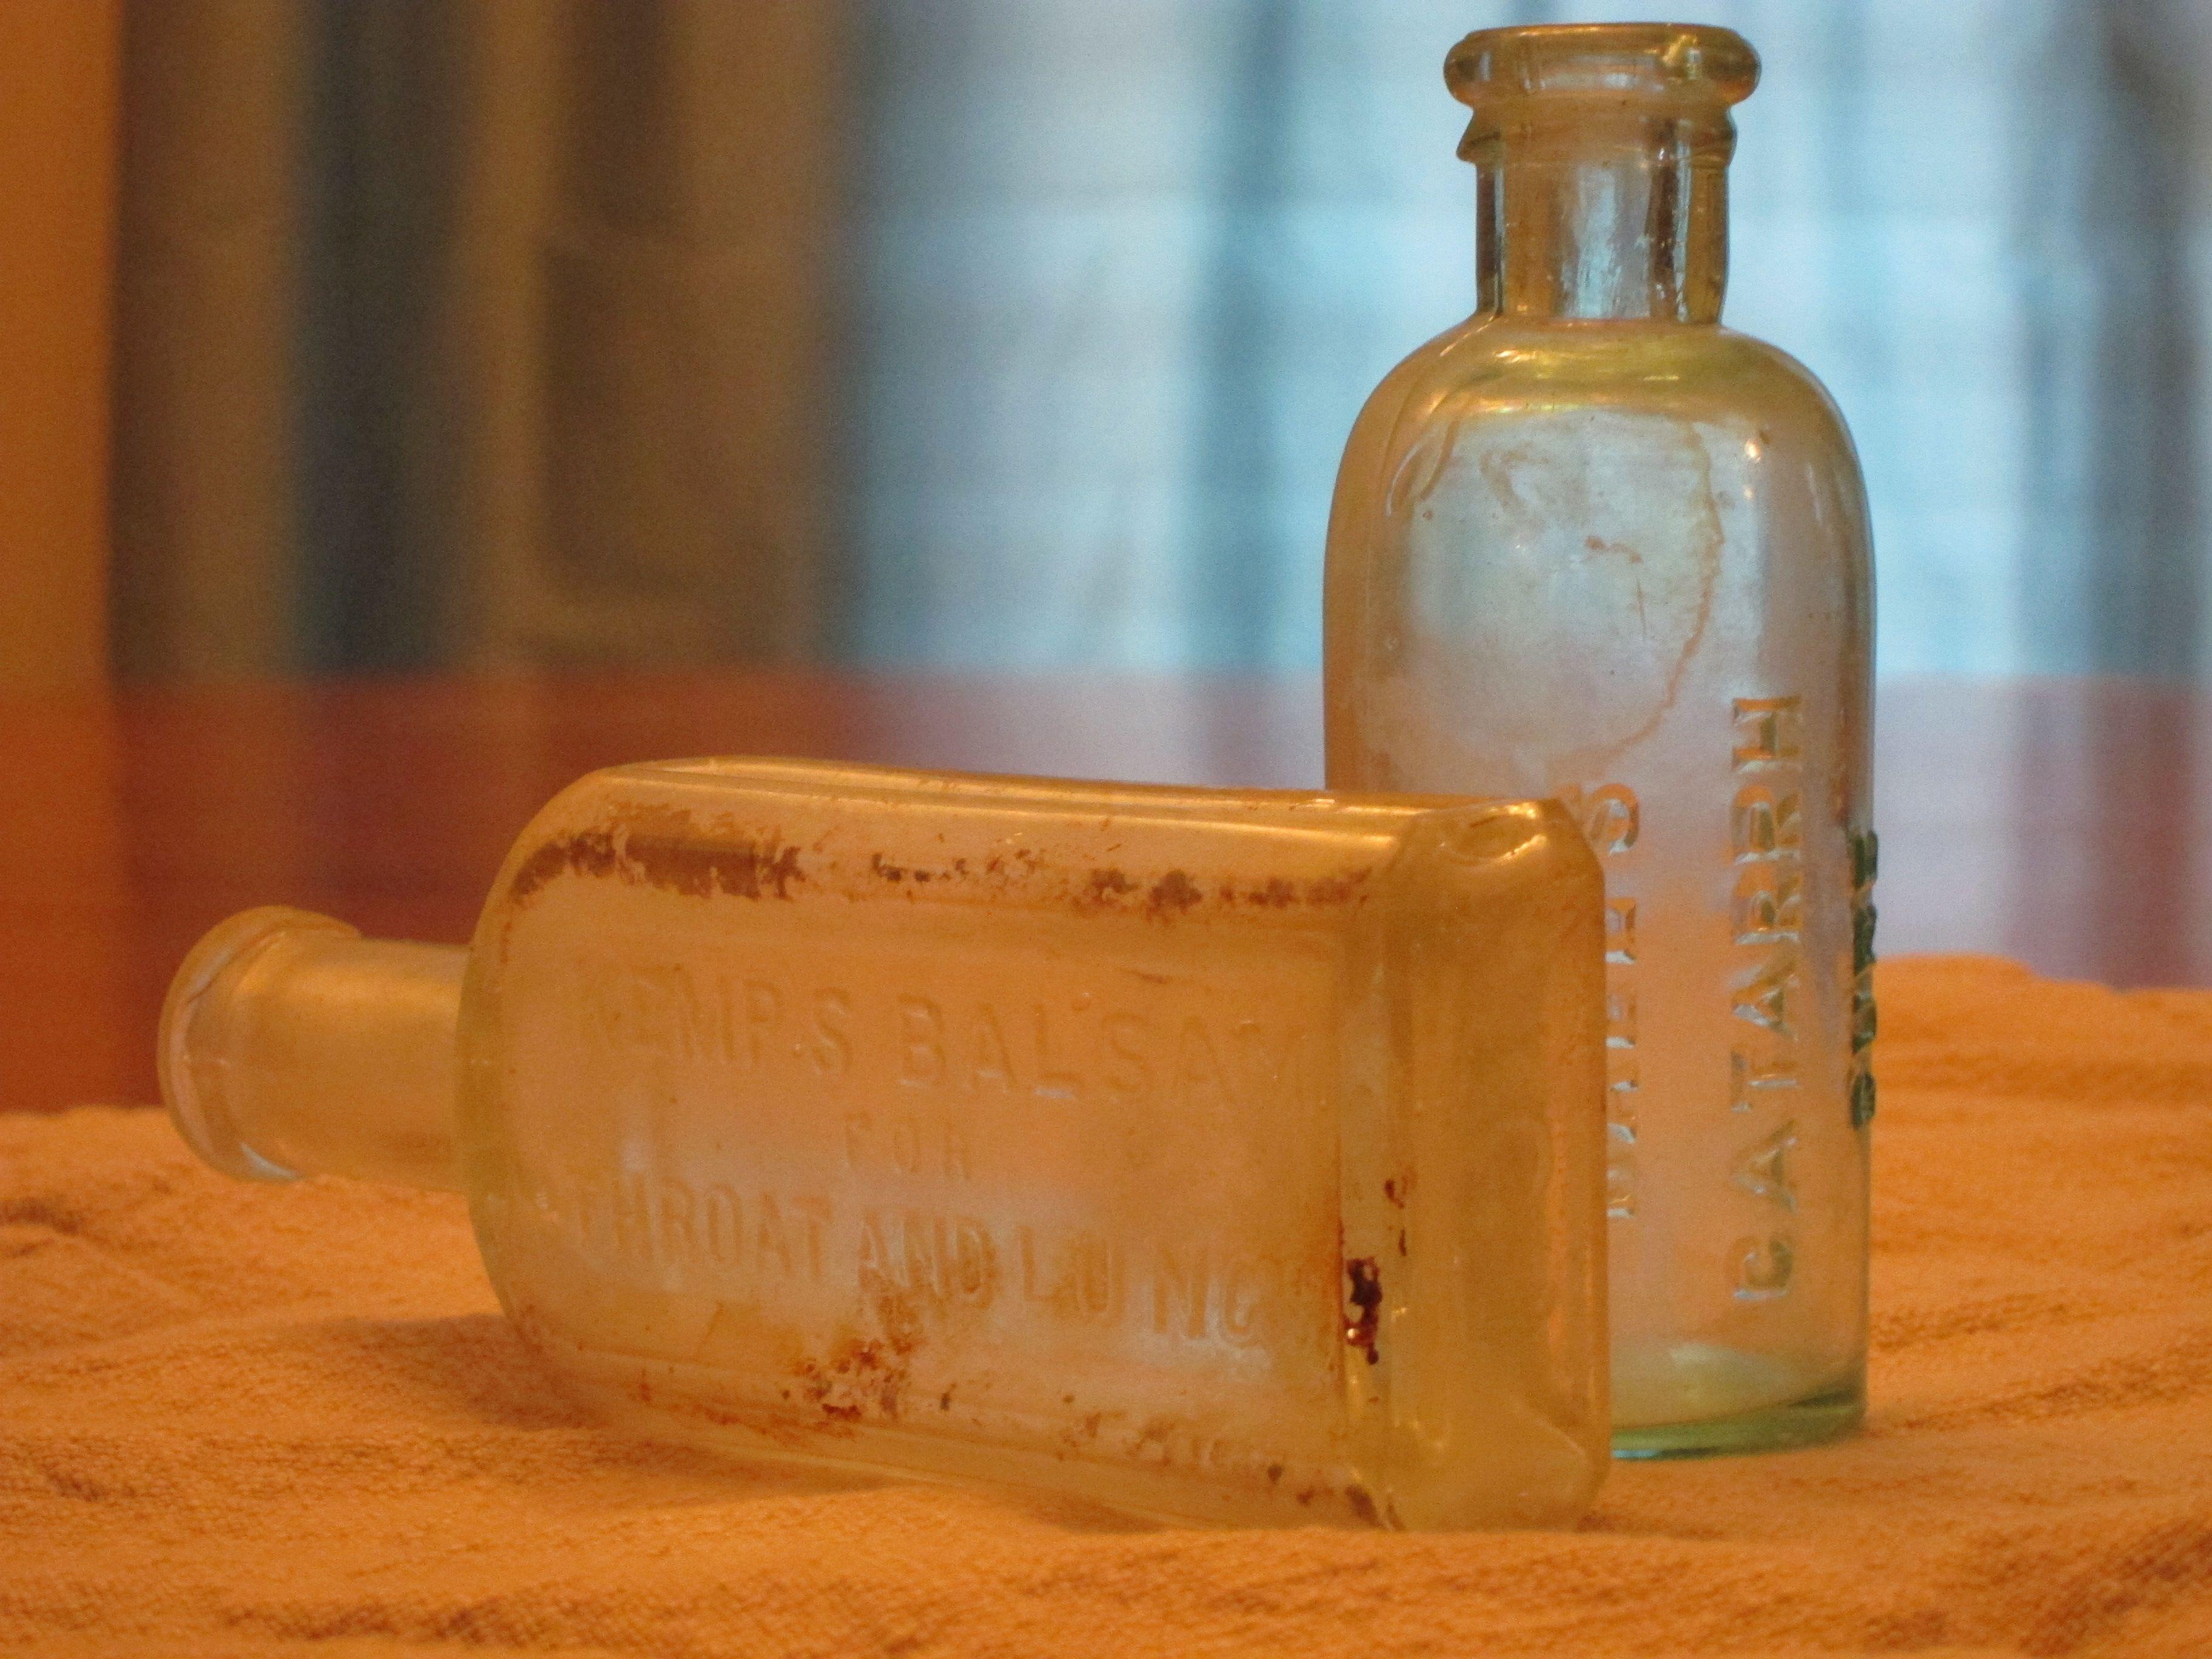 Antique bottle markings lovetoknow biocorpaavc Gallery